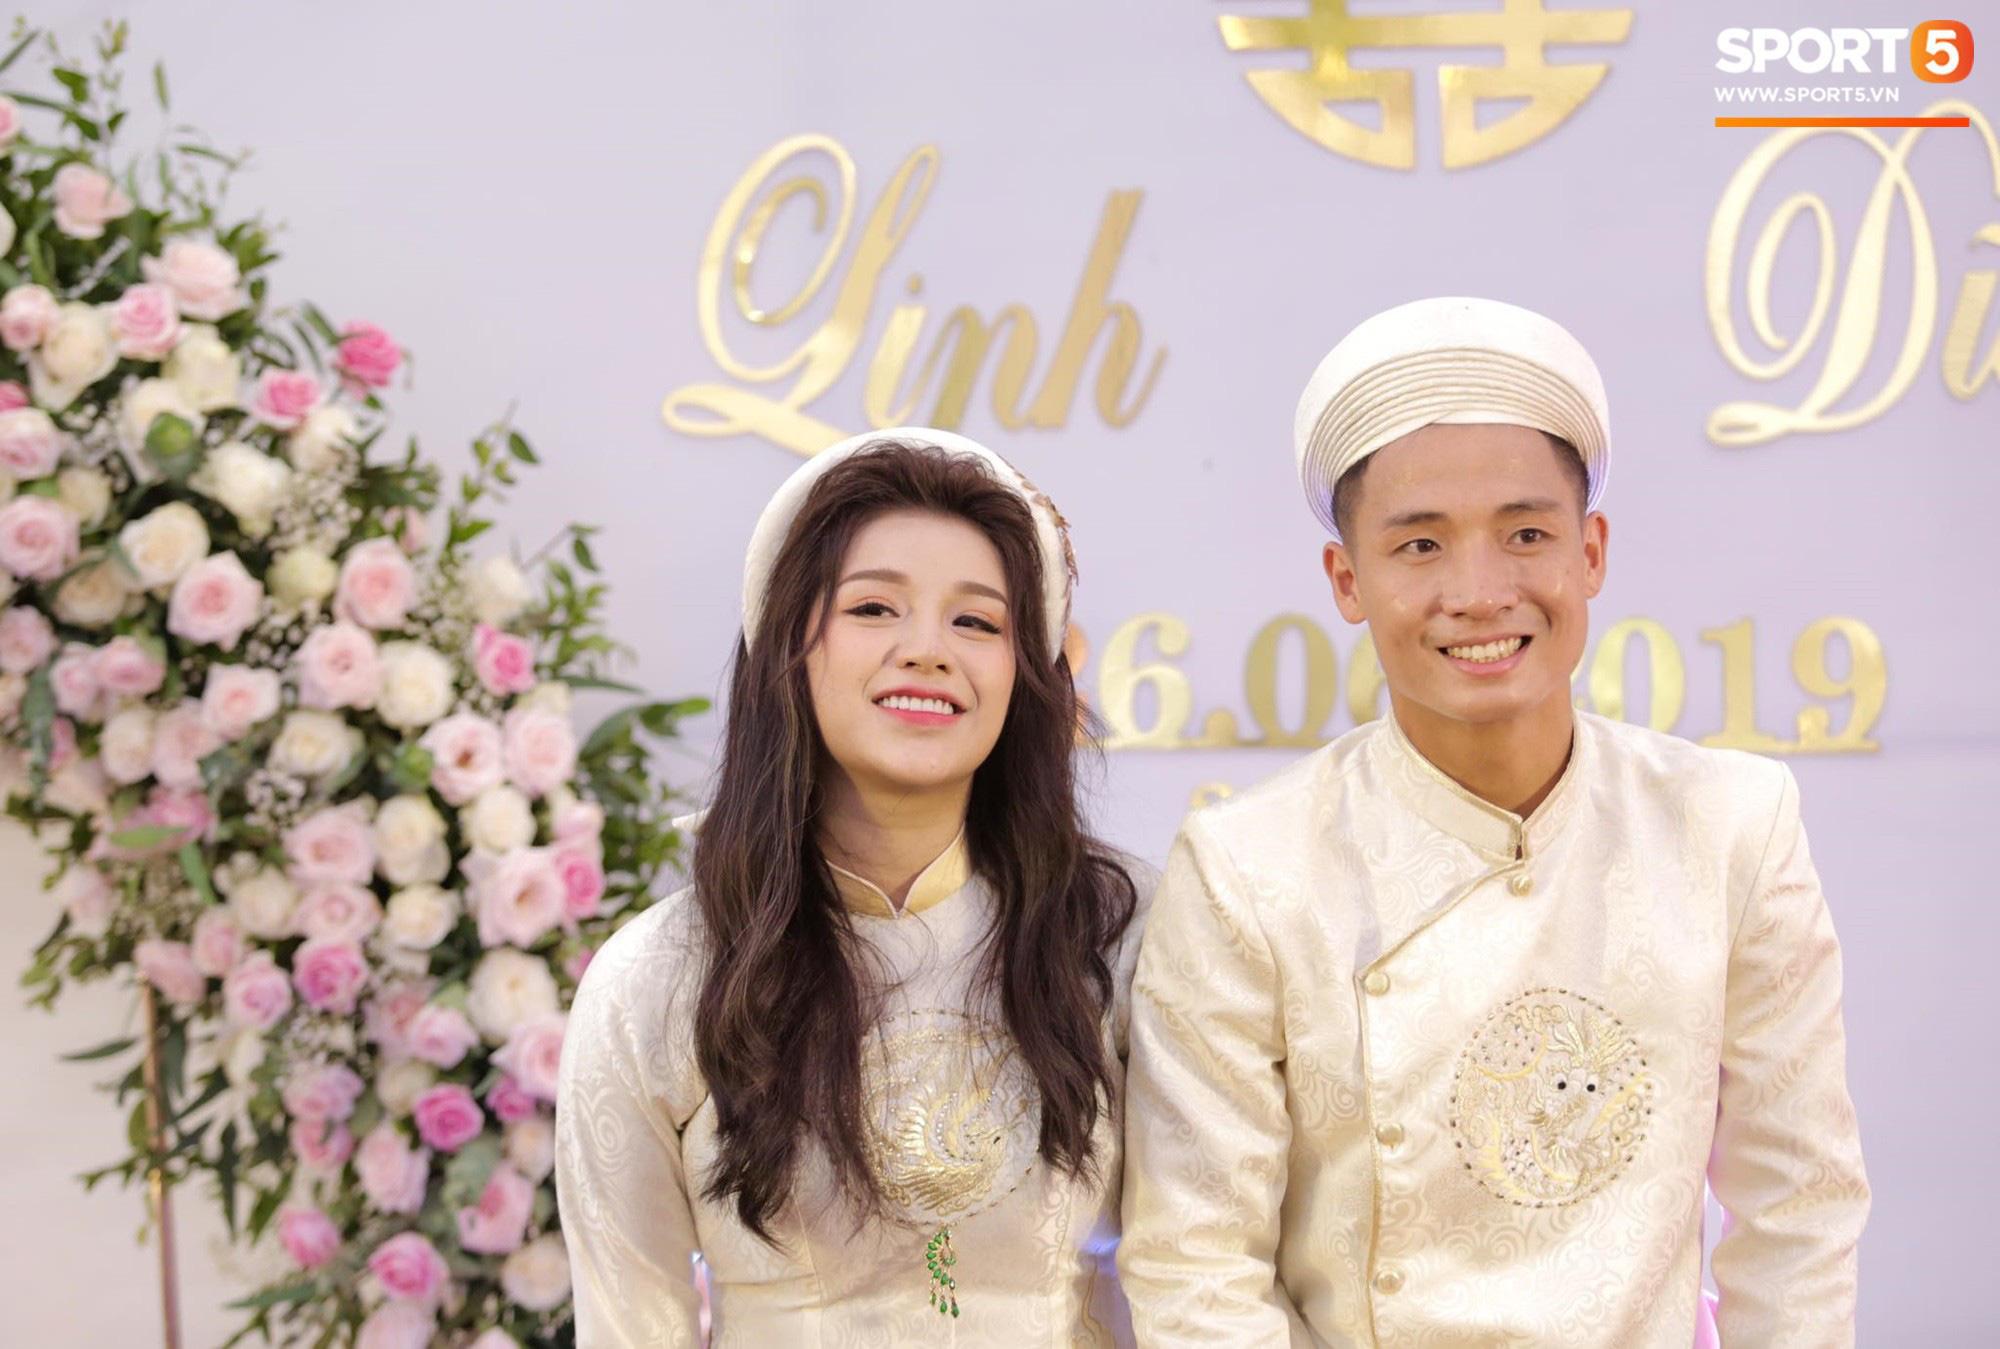 Biến căng cực: Khánh Linh nhận là single mom, độc thân và xoá sạch ảnh chụp chung kể cả ảnh ăn hỏi cùng Tiến Dũng - Ảnh 3.